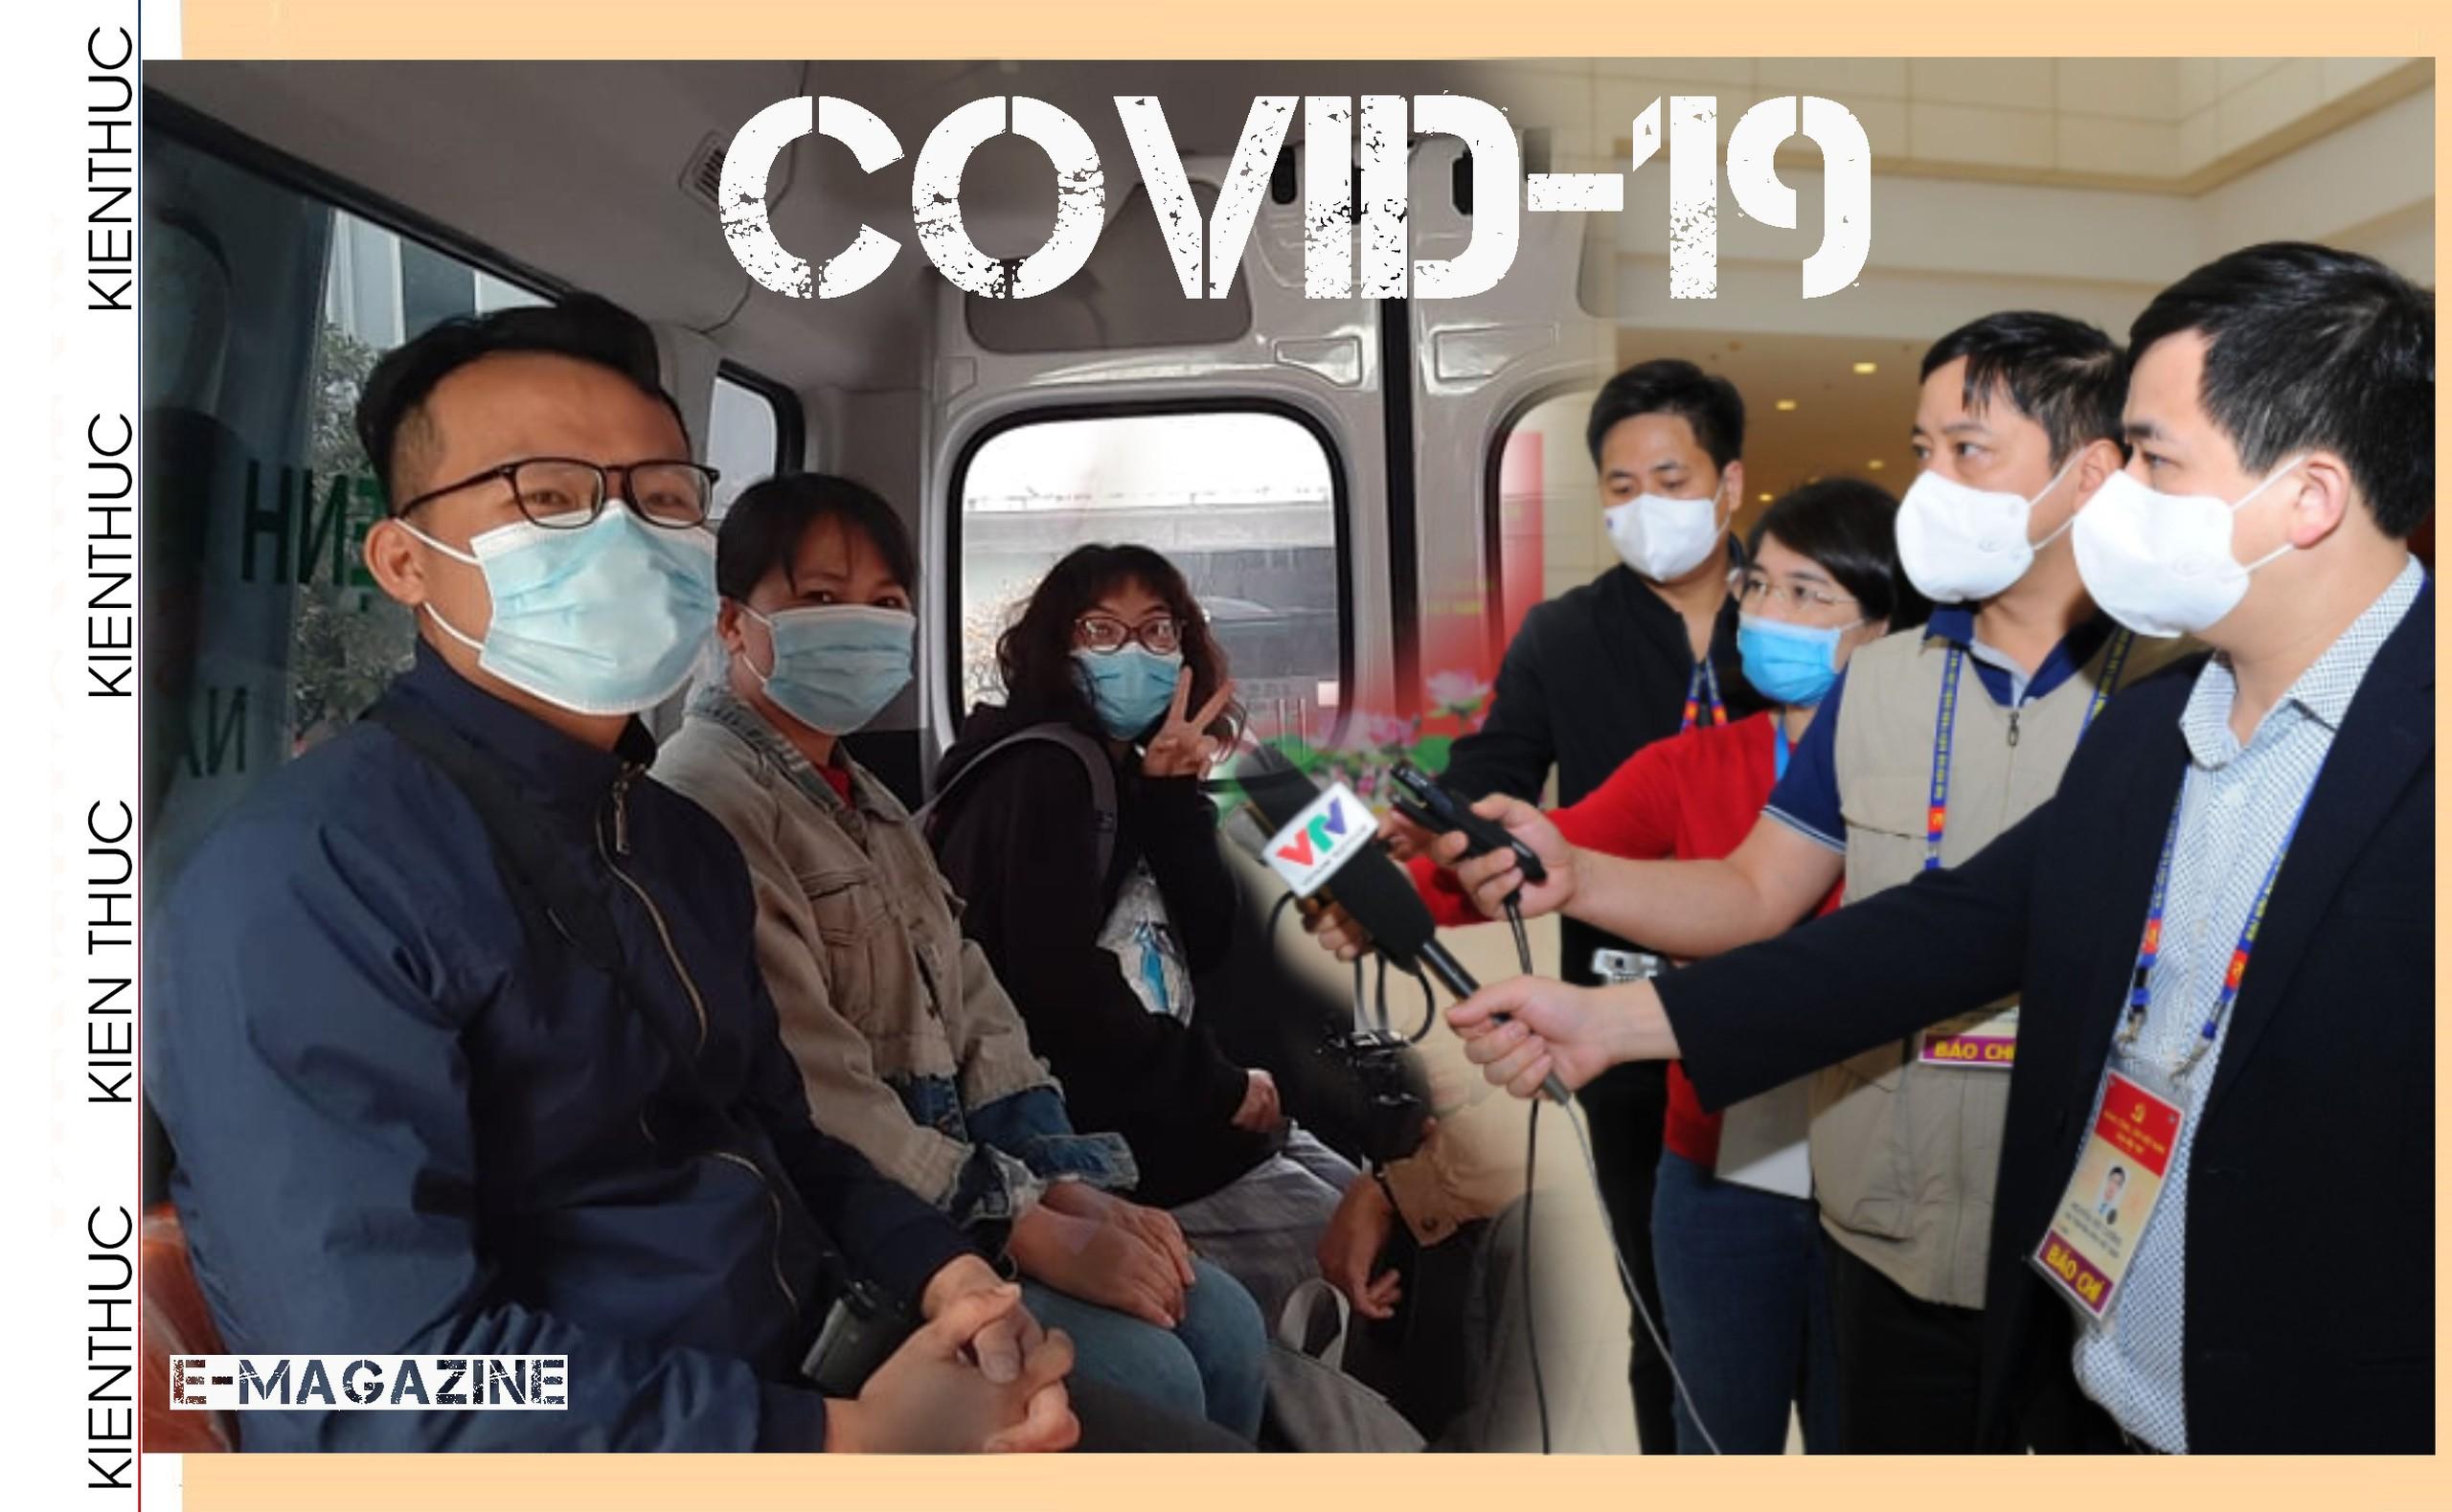 """[e-Magazine] Những """"chiến sĩ thông tin"""" đón Tết trong tâm dịch COVID-19 ở Hải Dương"""